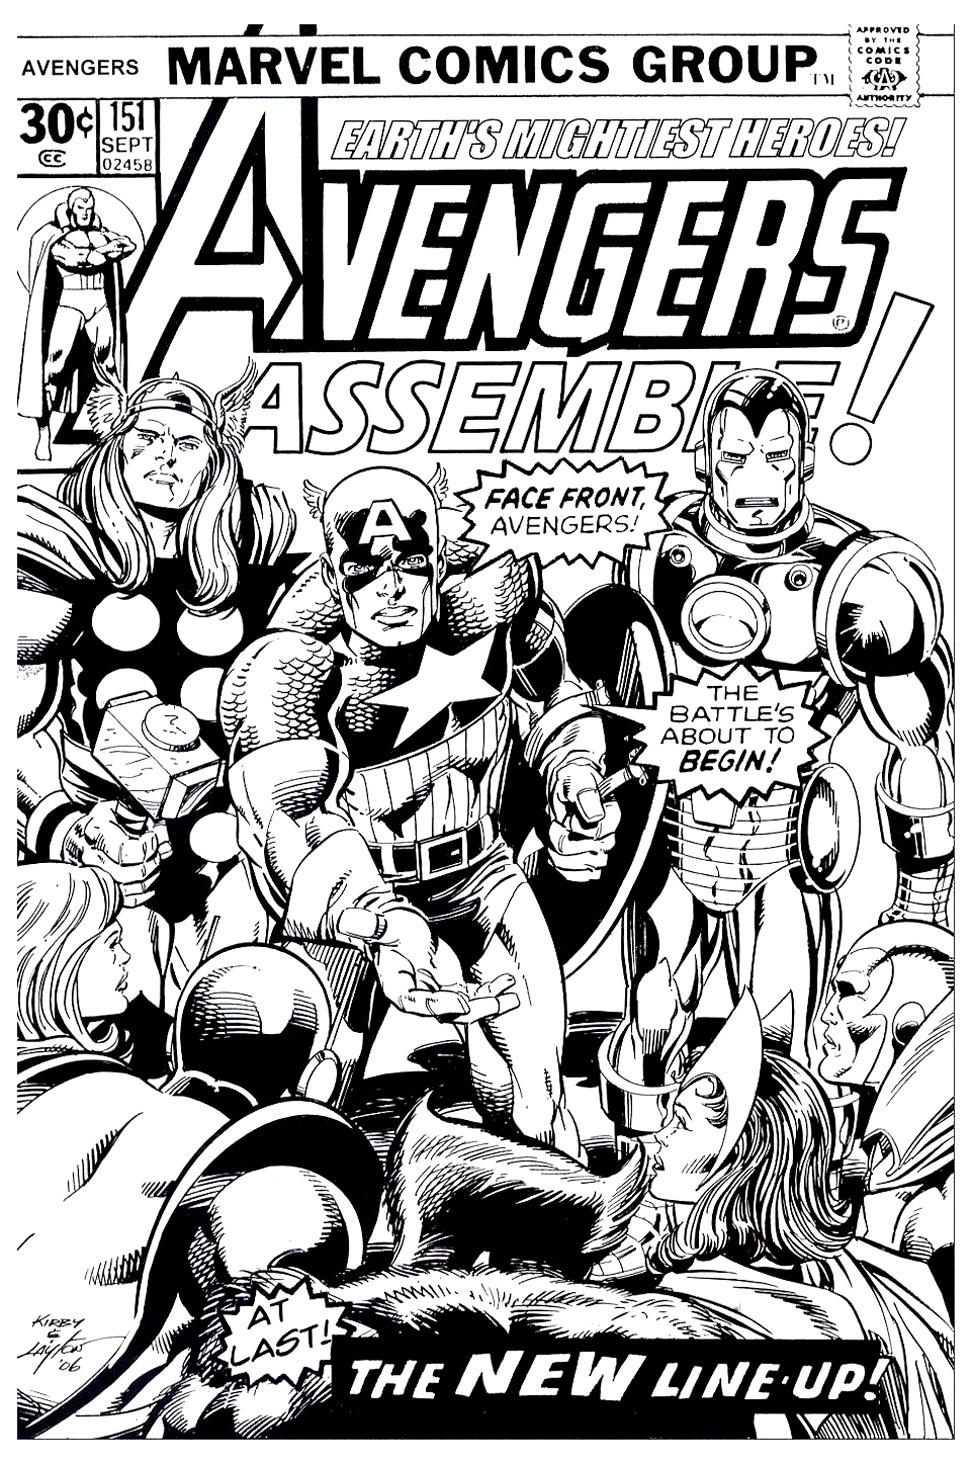 Une couverture d'un Comics de Marvel en noir et blanc, avec les Avengers au grand complet. En très bonne qualité, à imprimer !